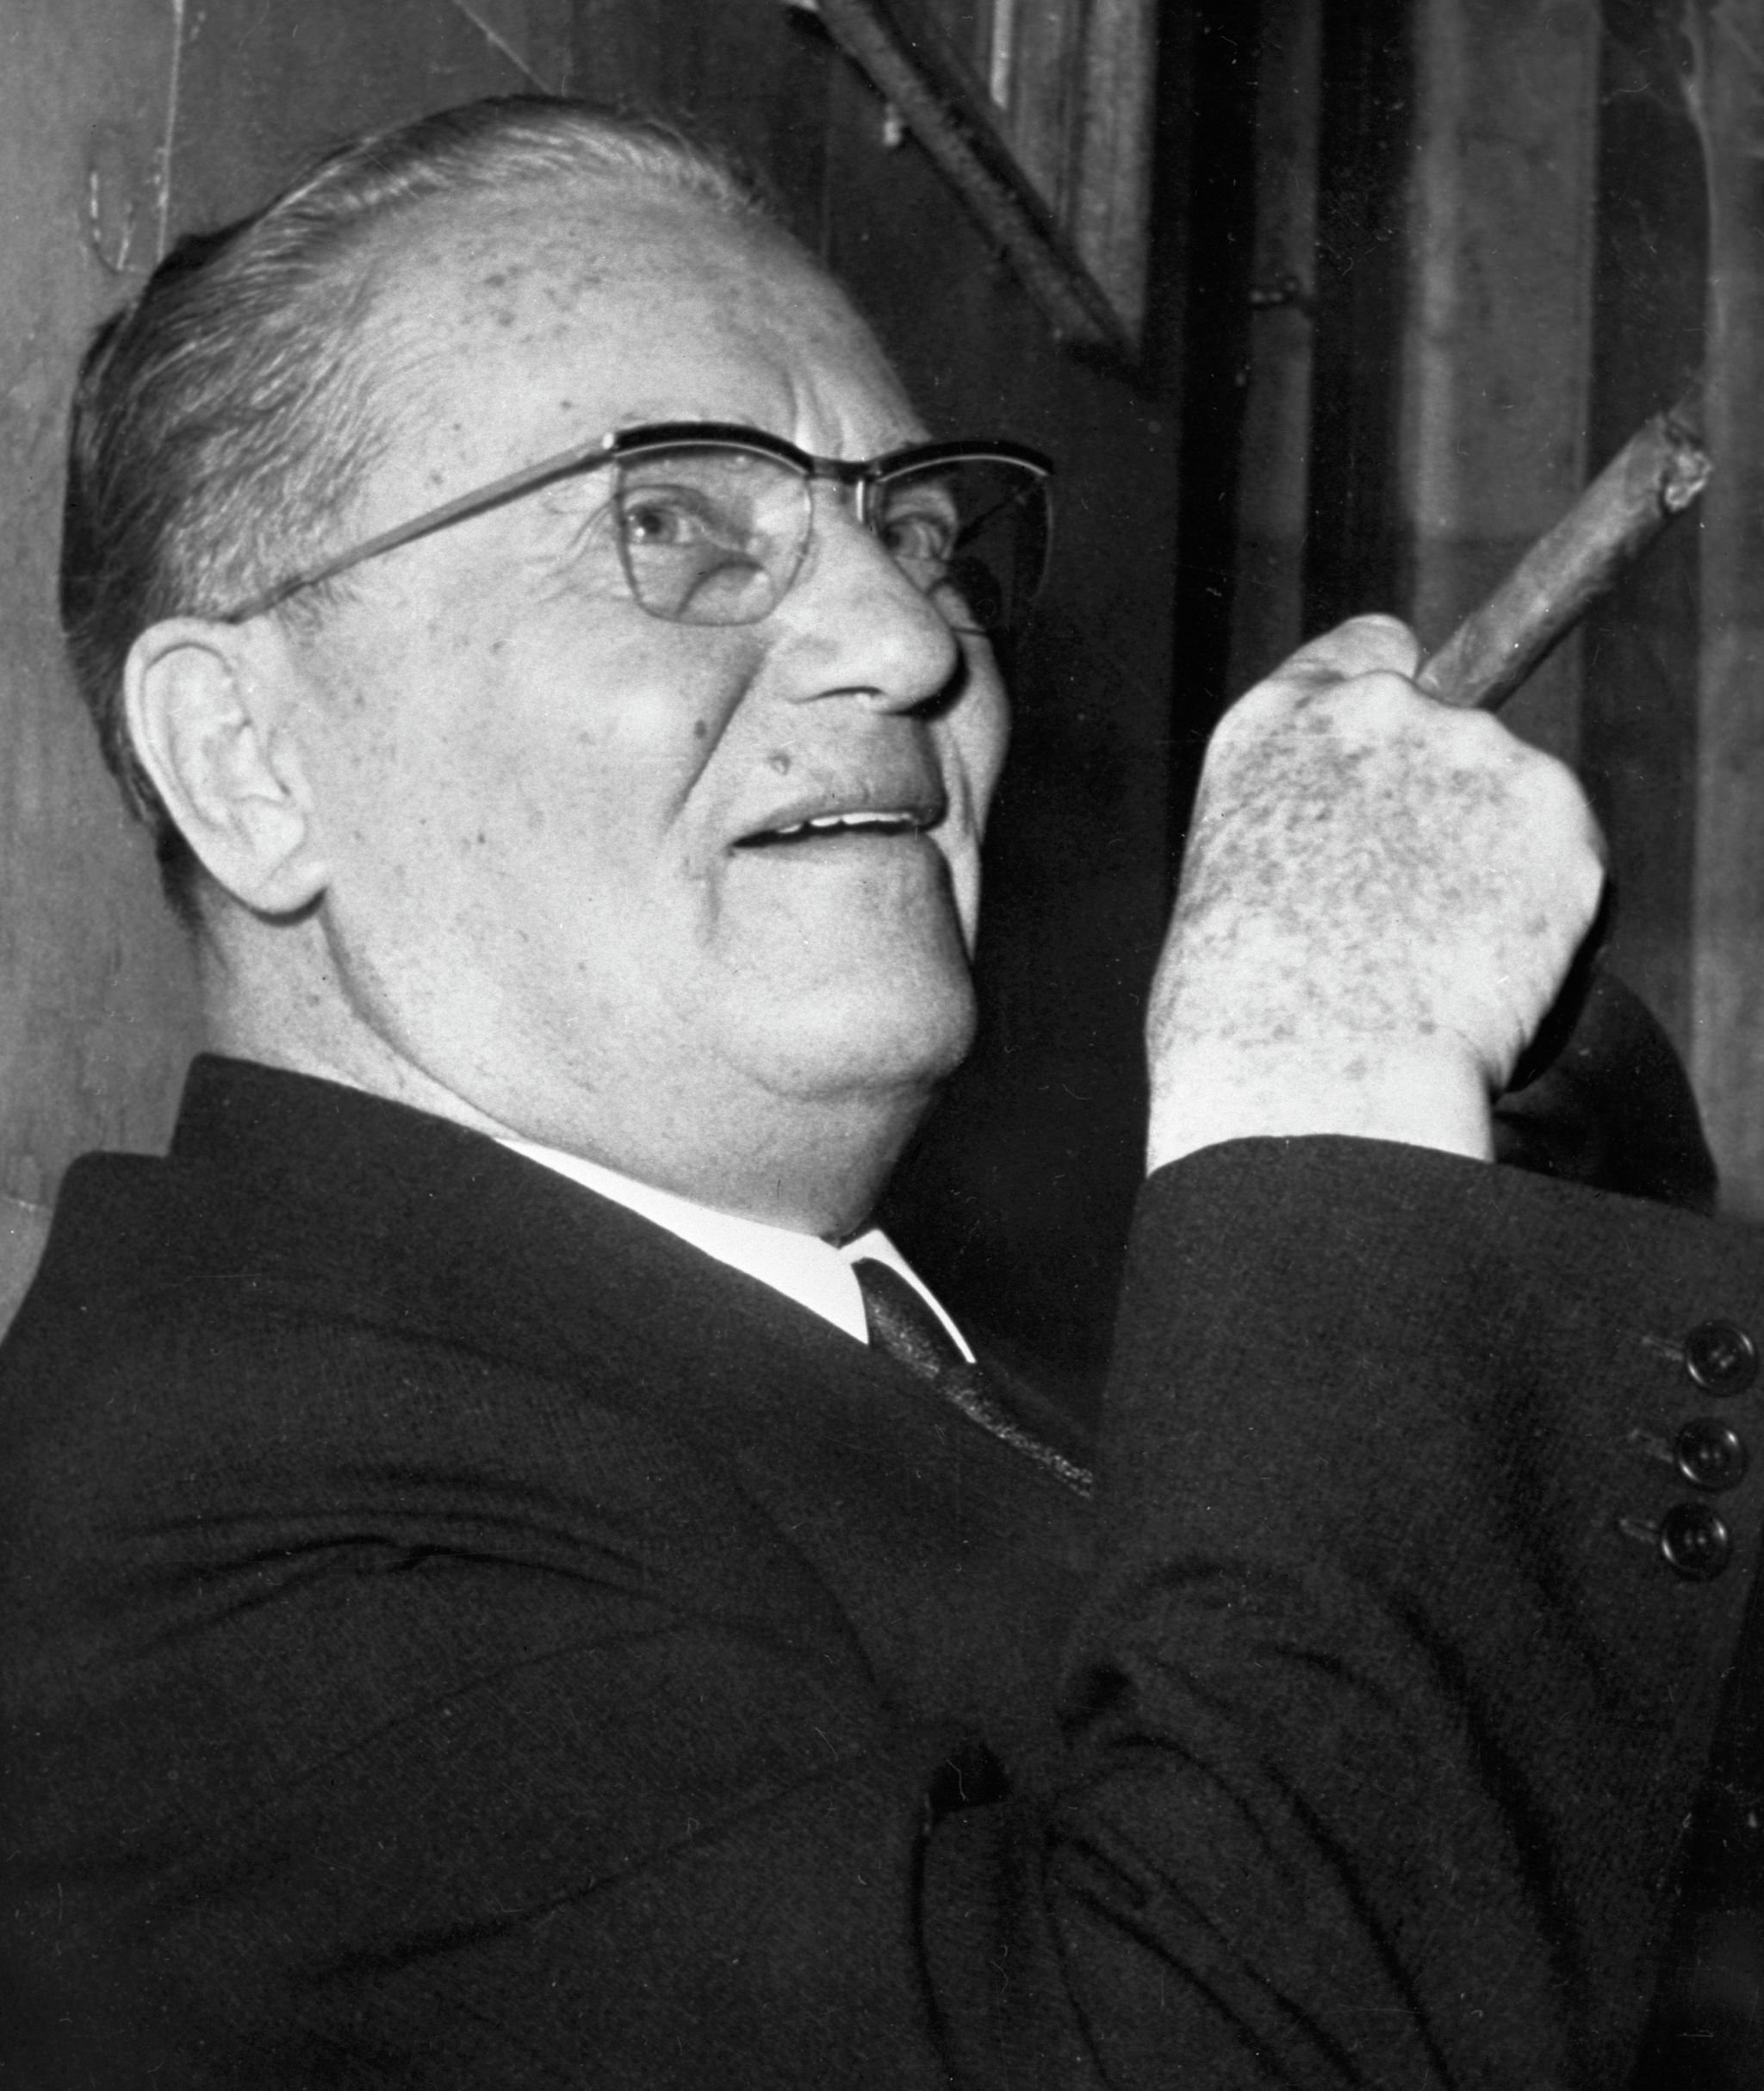 Бывший Президент Социалистической Федеративной Республики Югославия Иосип Броз Тито. Архивное фото